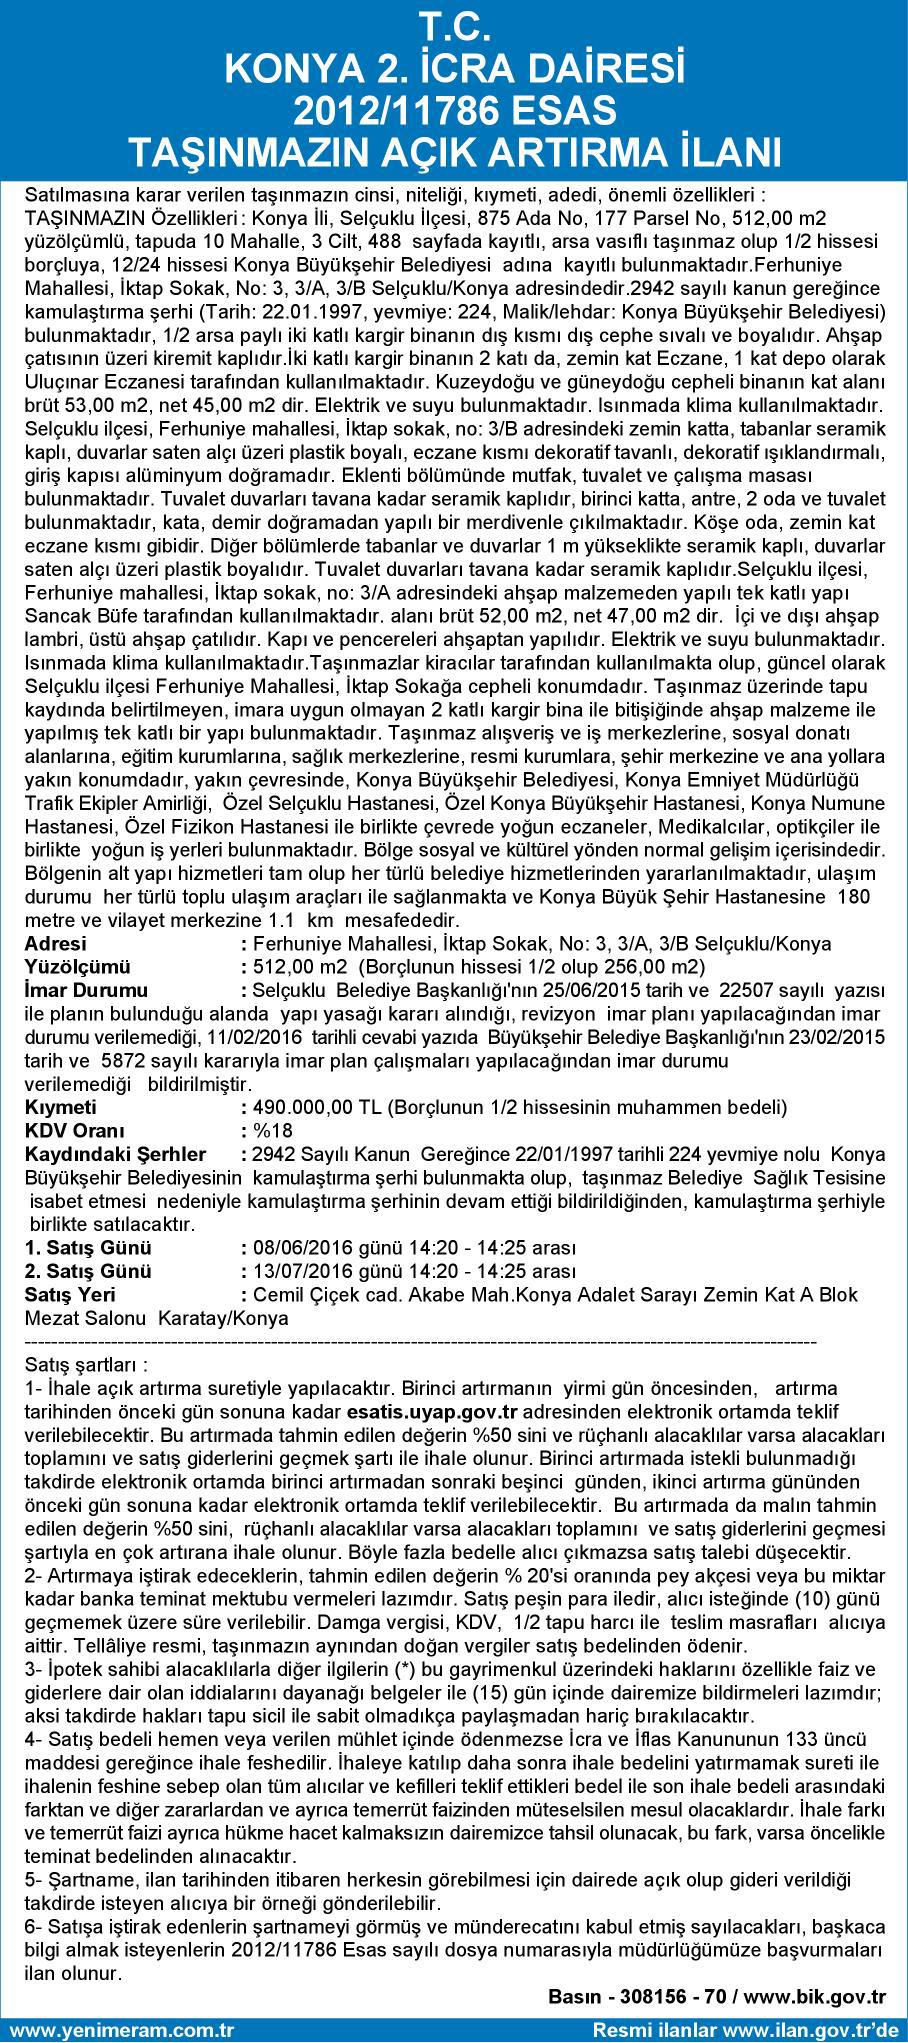 t-c-konya-2-icra-dairesi-201211786-esas-tasinmazin-acik-artirma-ilani